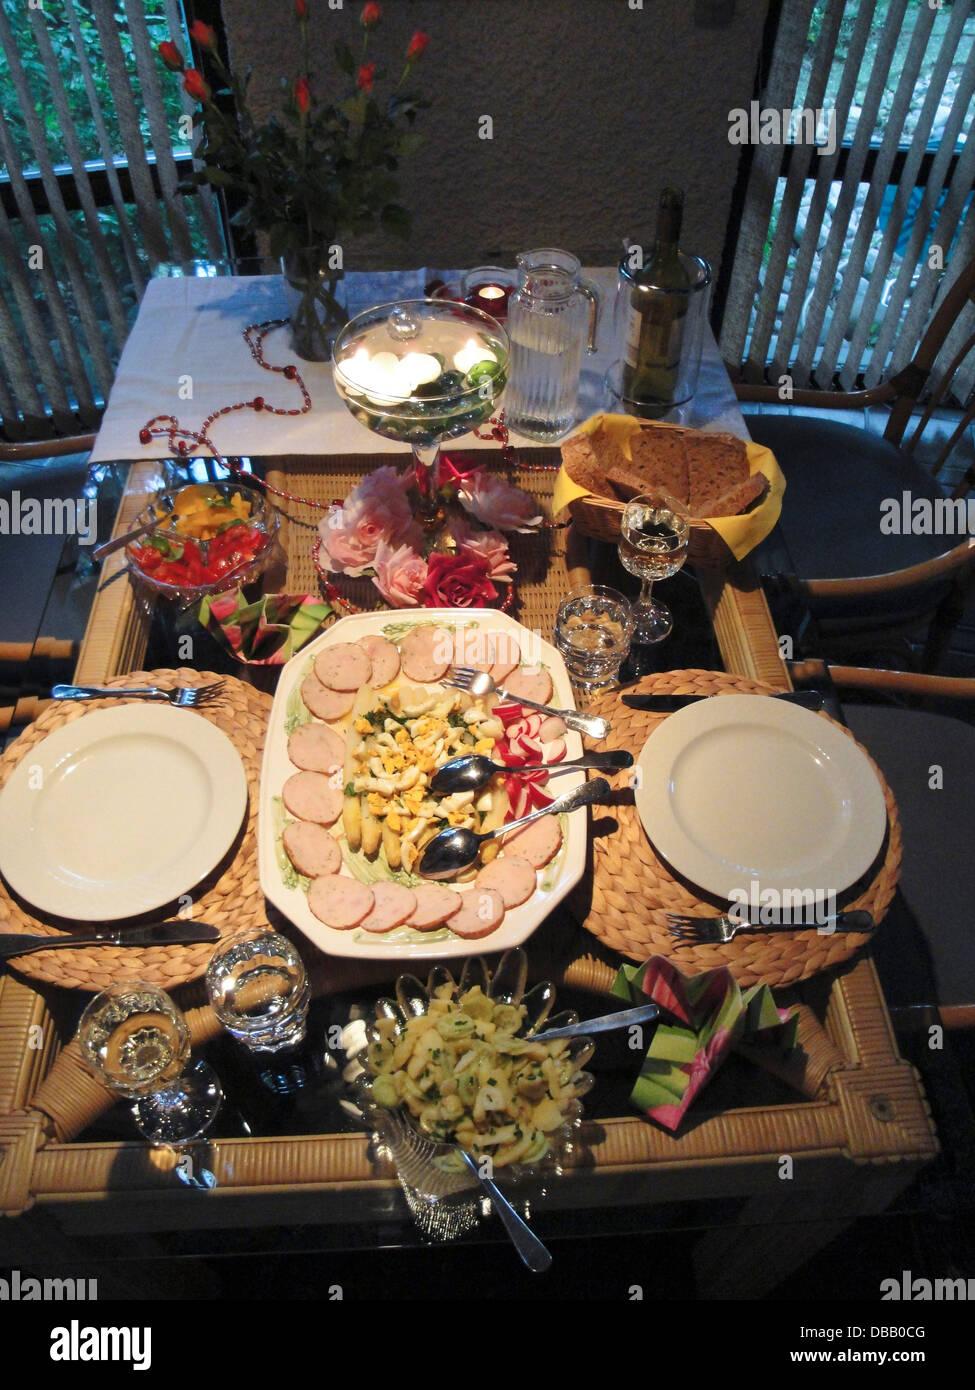 gedeckter Tisch mit einer kalten Platte für heisse Tage; laid table for two with a cold platter for hot days - Stock Image